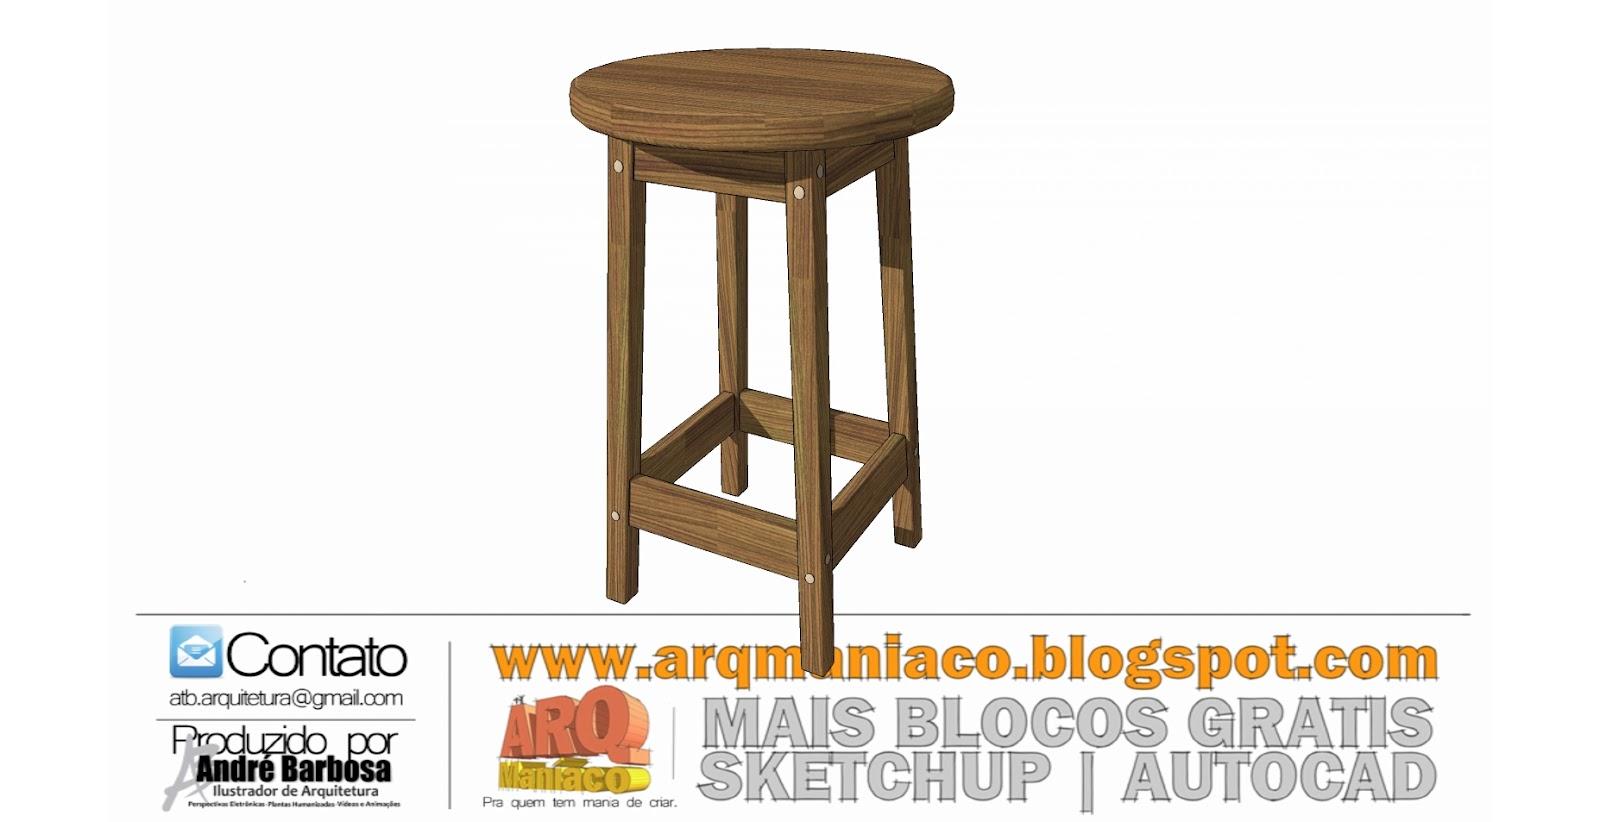 Imagens de #AE9C1D banco de jardim bloco cad:madeira de jardim garden wooden bench clique  1600x822 px 3408 Bloco Cad Banheiro Vista Frontal